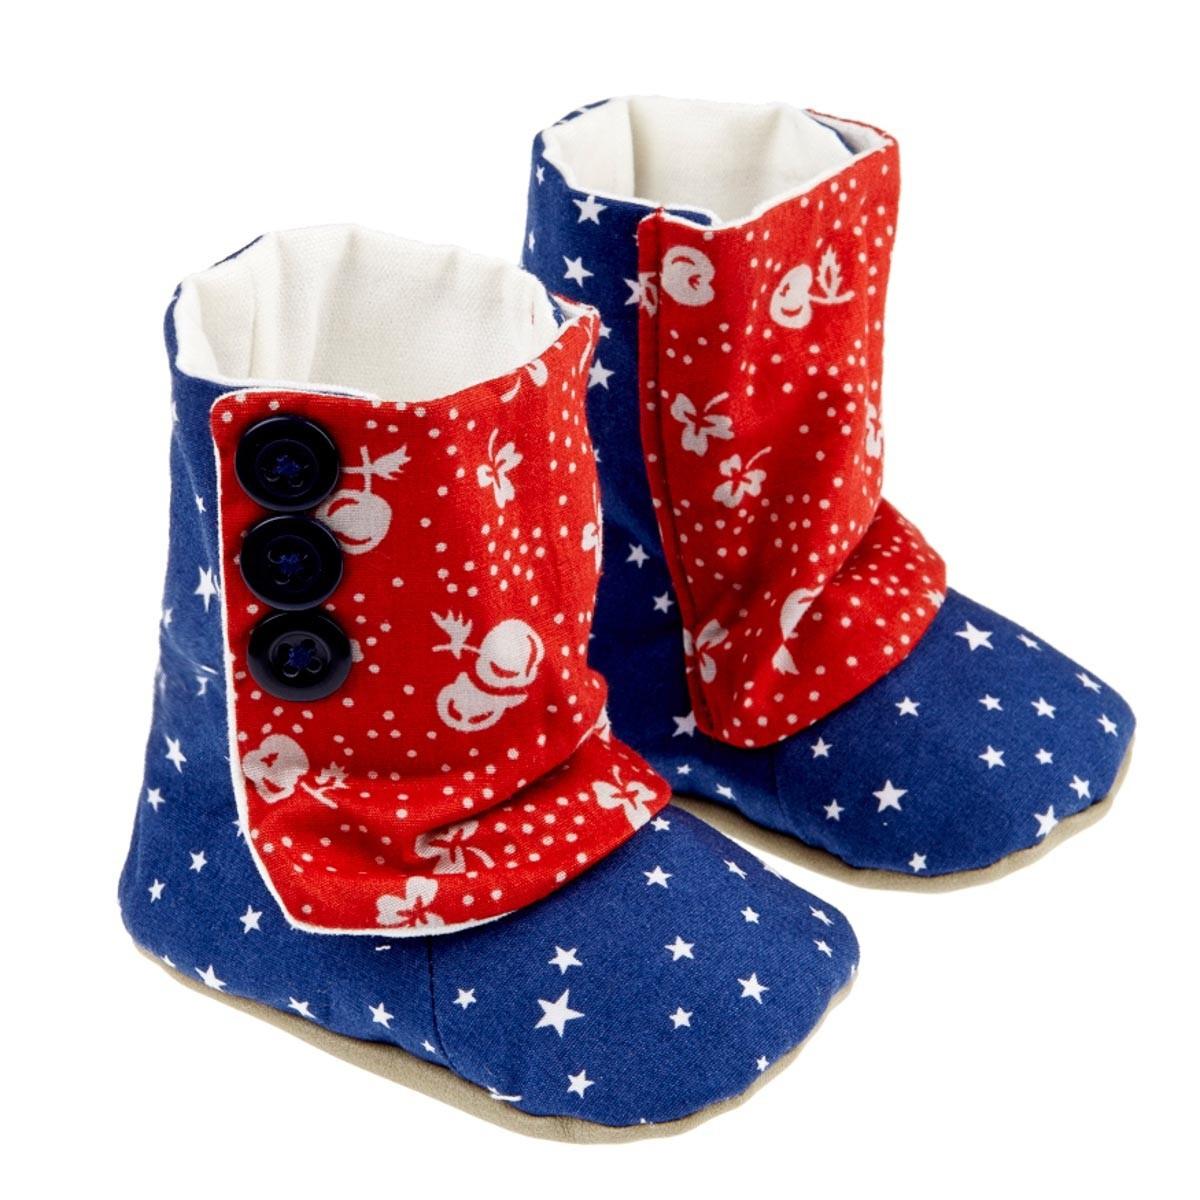 Bottines chaussons souples bébé bleu et rouge étoile